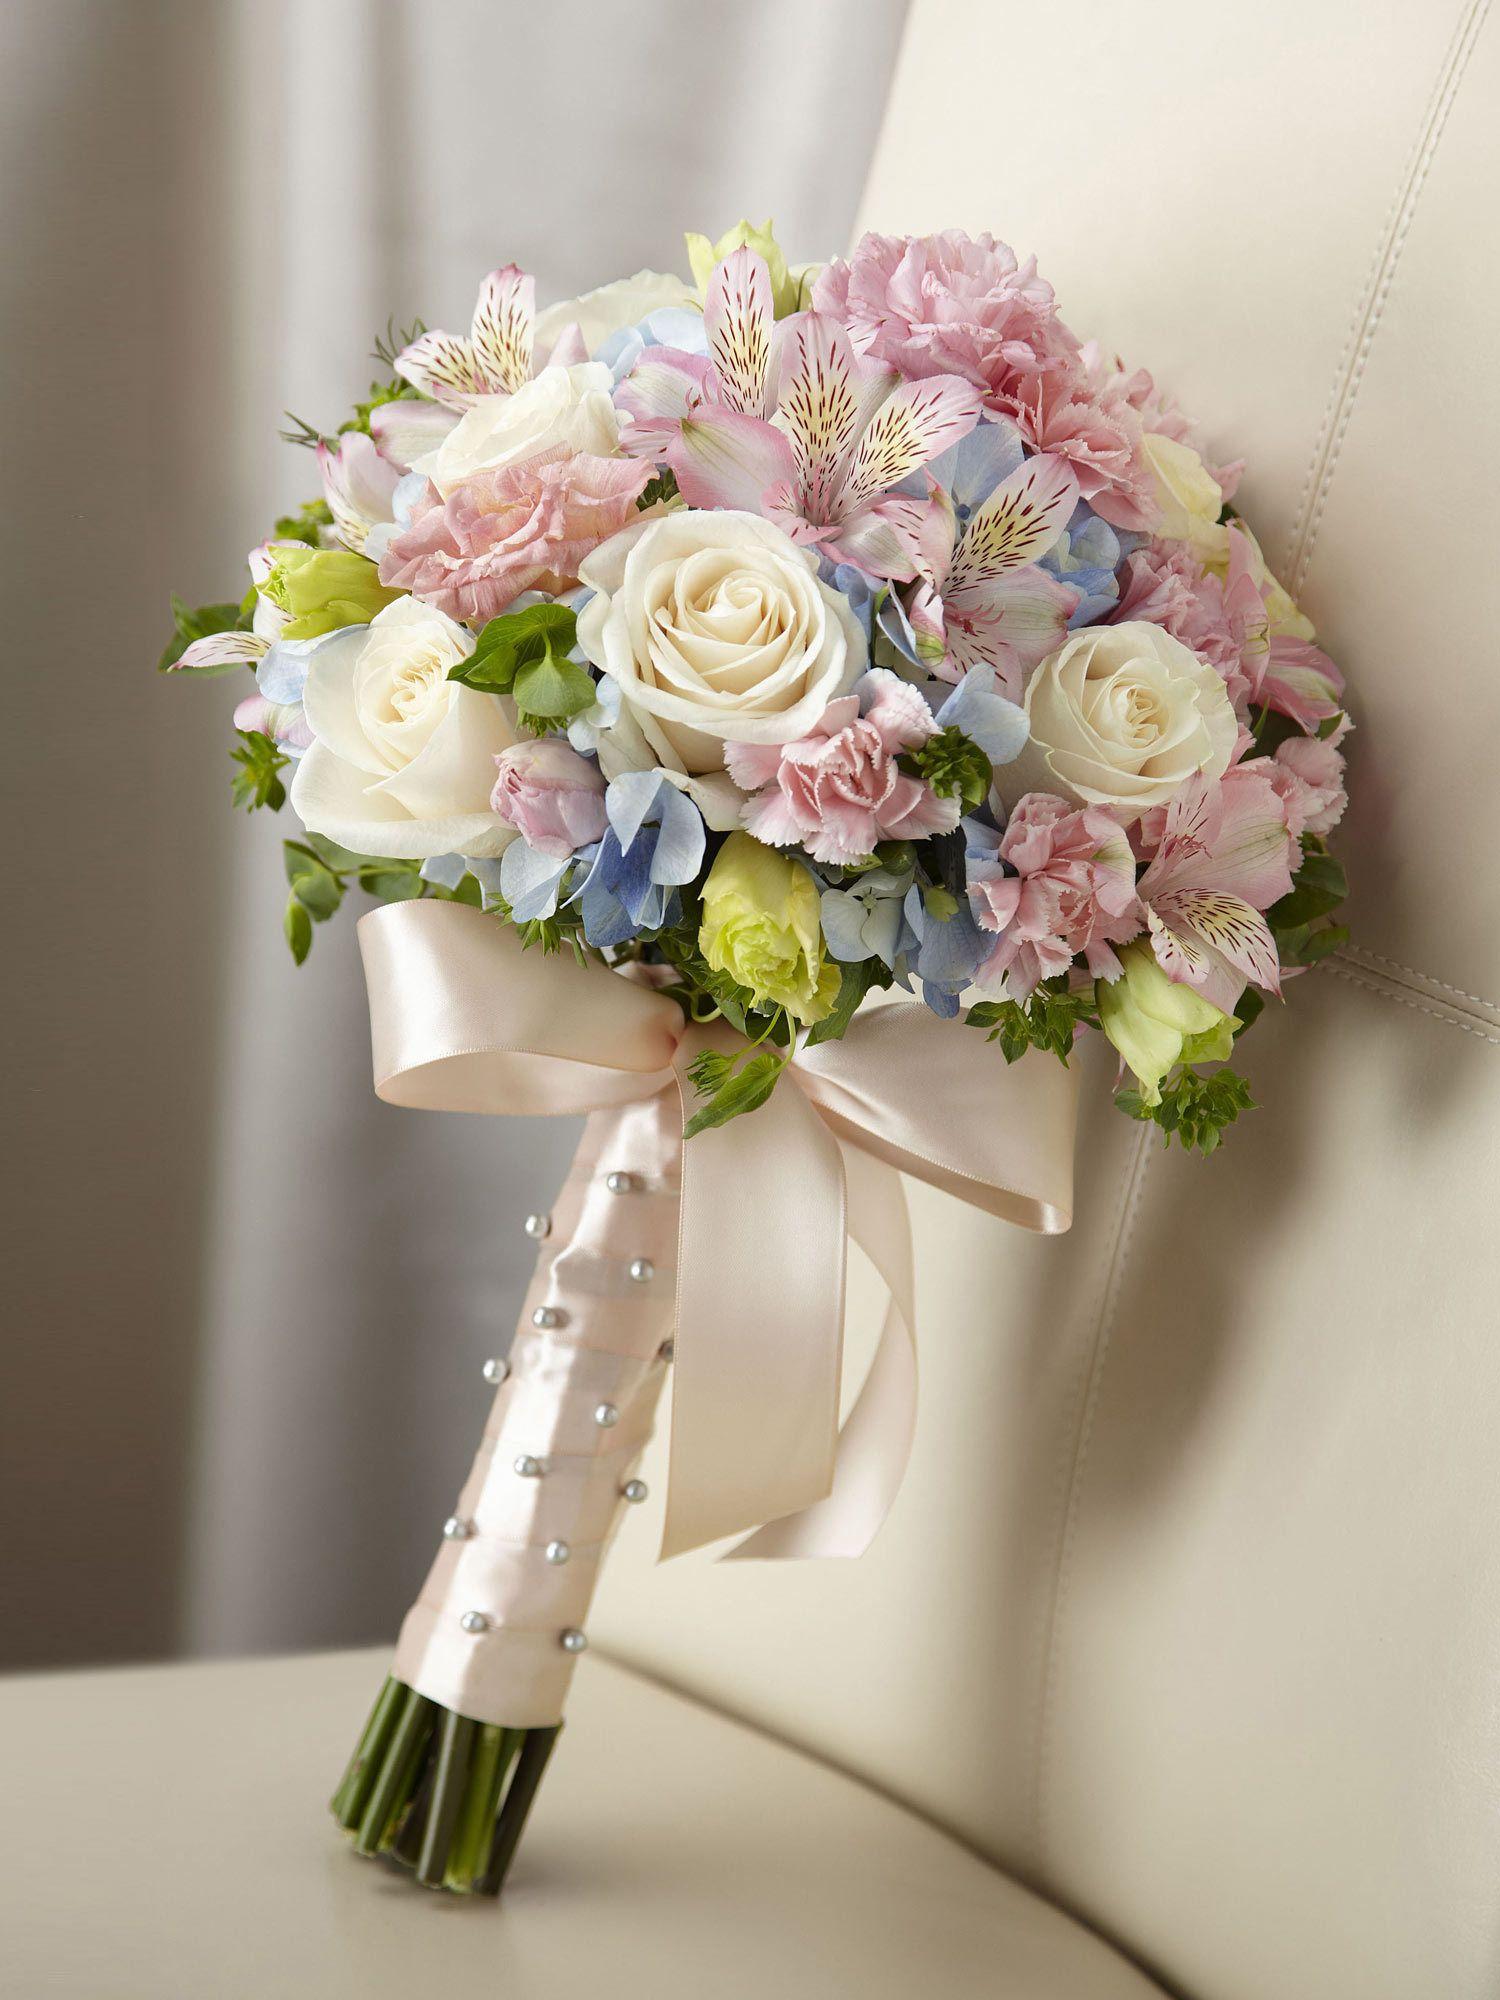 Sweet innocence bouquet interflorasweet innocence bouquet sweet innocence bouquet interflorasweet innocence bouquet interflora mightylinksfo